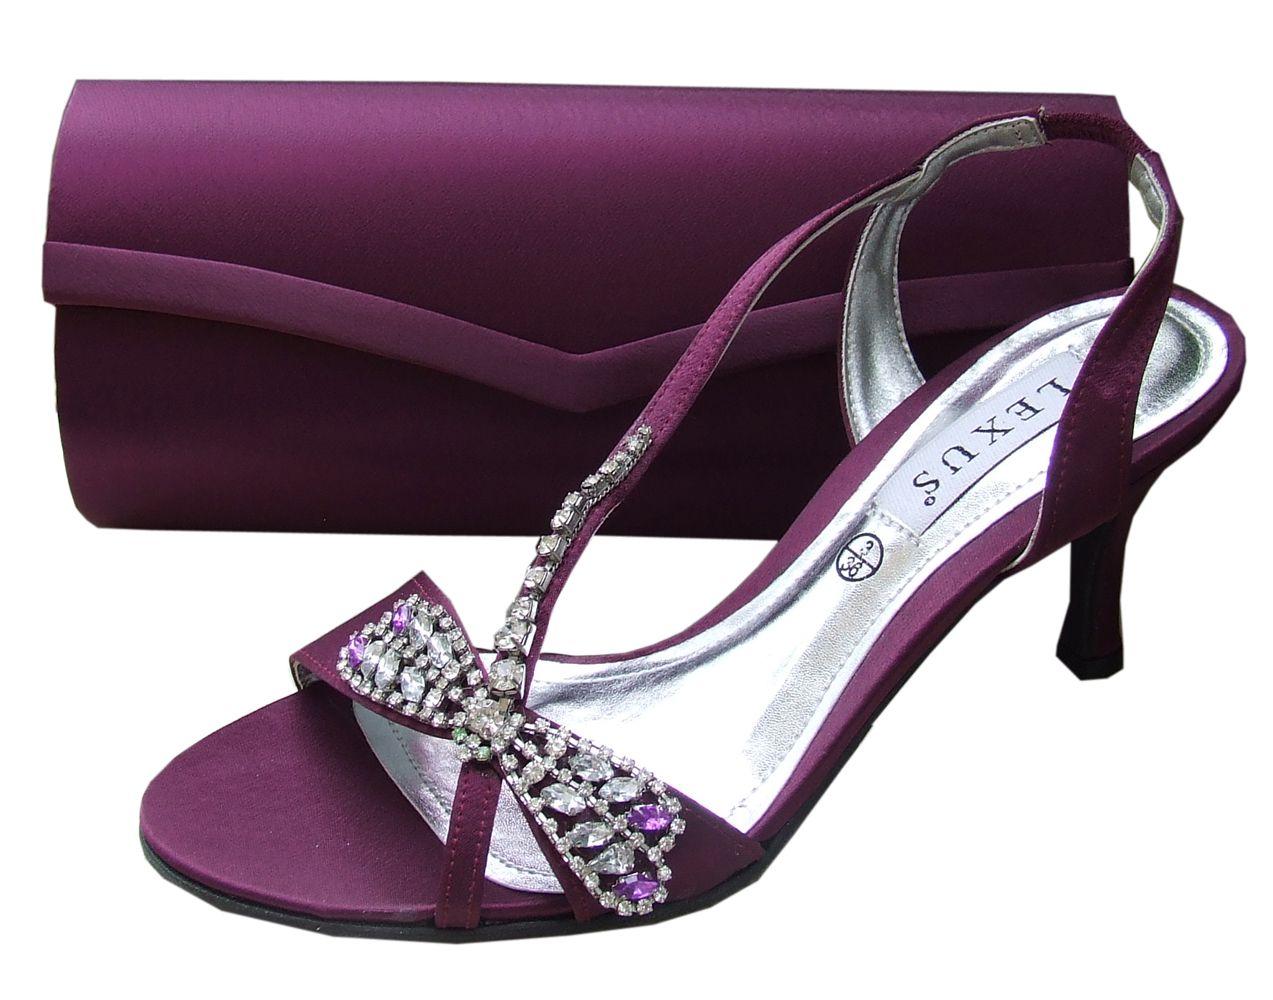 Lexus Caprice Purple Plum Evening Sandals